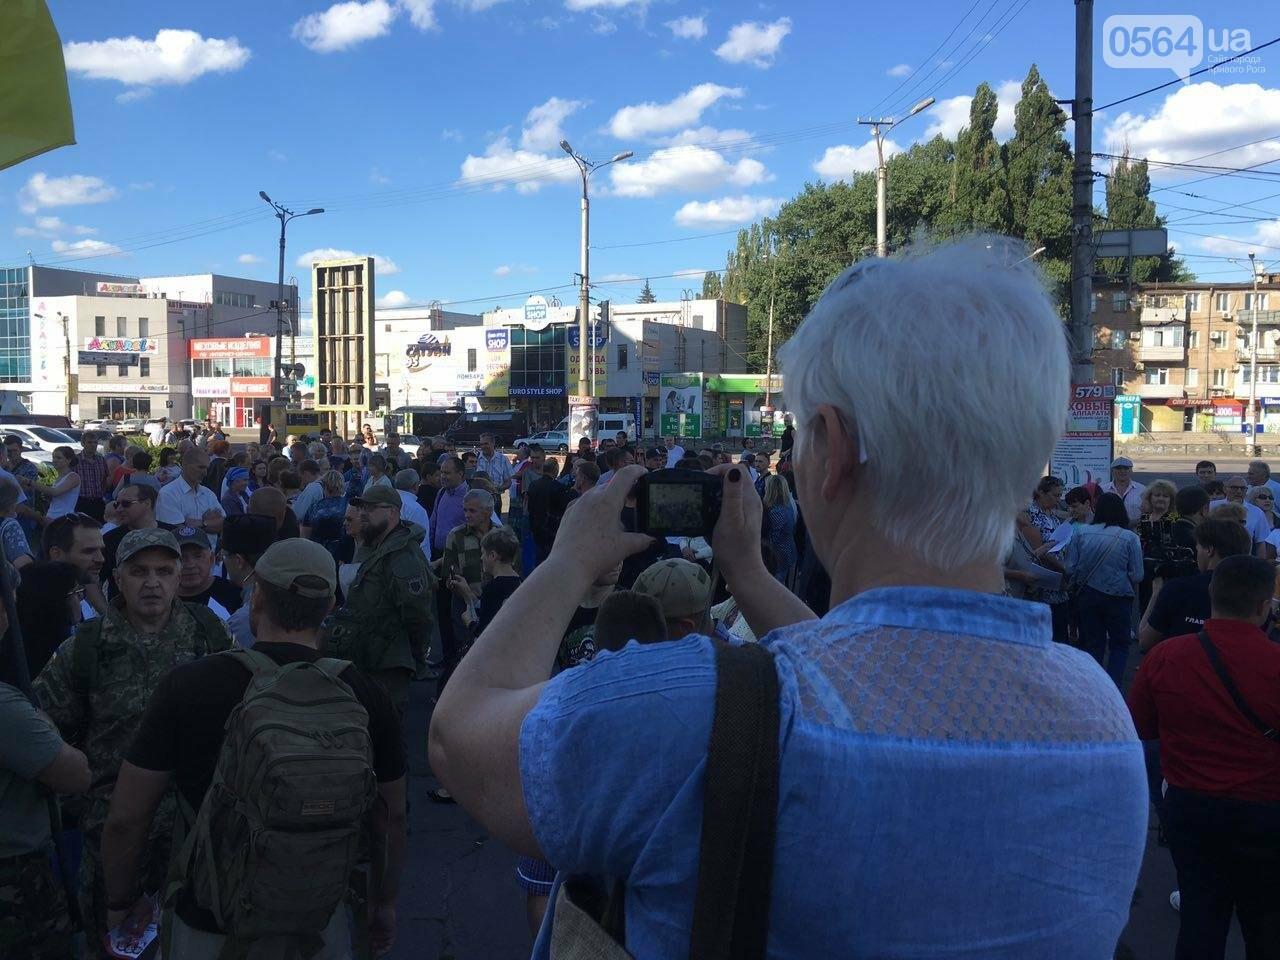 Криворожане собрались на Марш за традиционные семейные ценности, - ФОТО, ПРЯМОЙ ЭФИР, фото-26